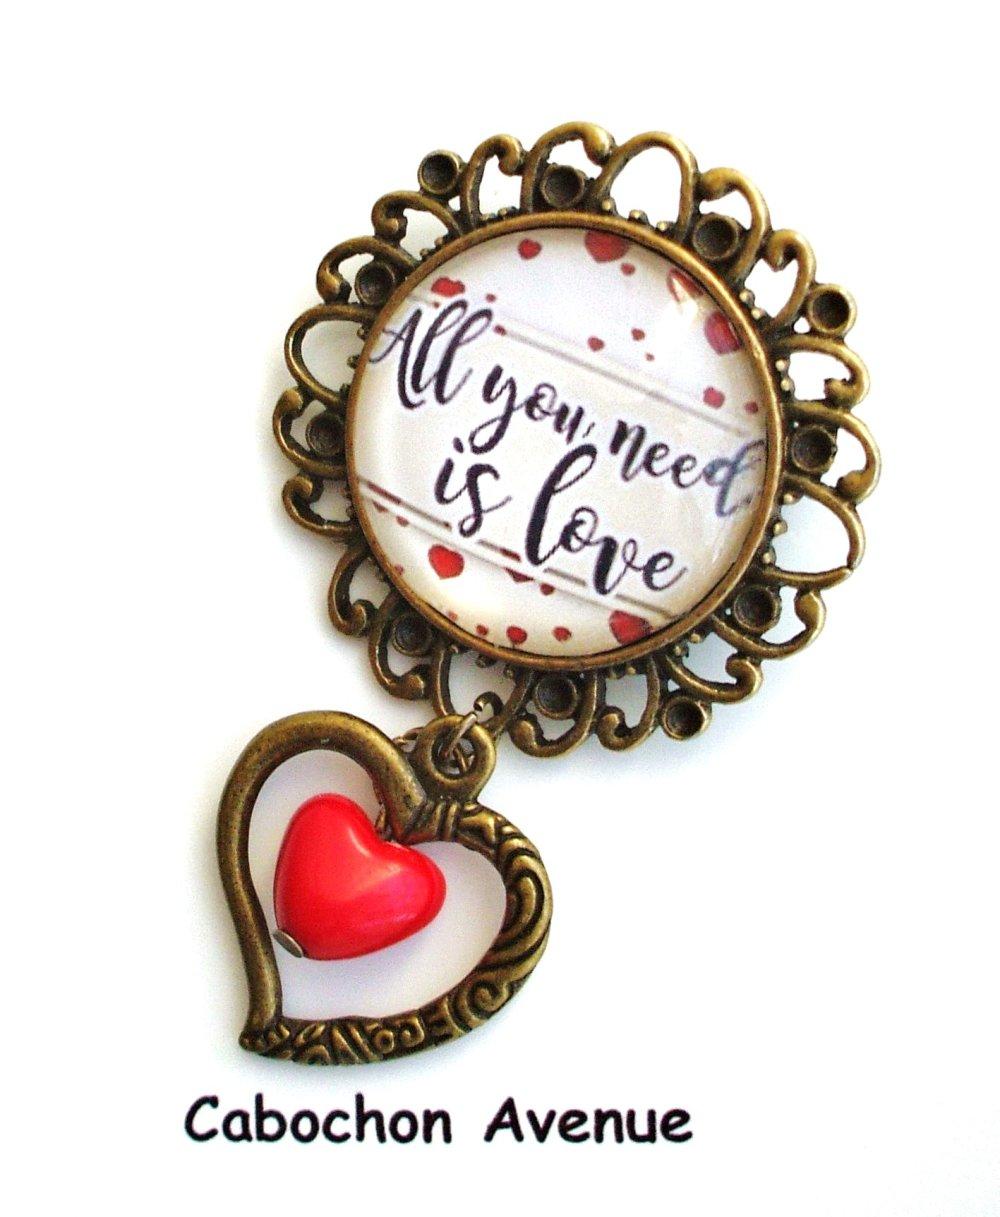 Bijou fantaisie SAINT-VALENTIN Love amour chérie coeur porte-clés bronze cabochon verre idée cadeau SAINT-VALENTIN fête des amoureux